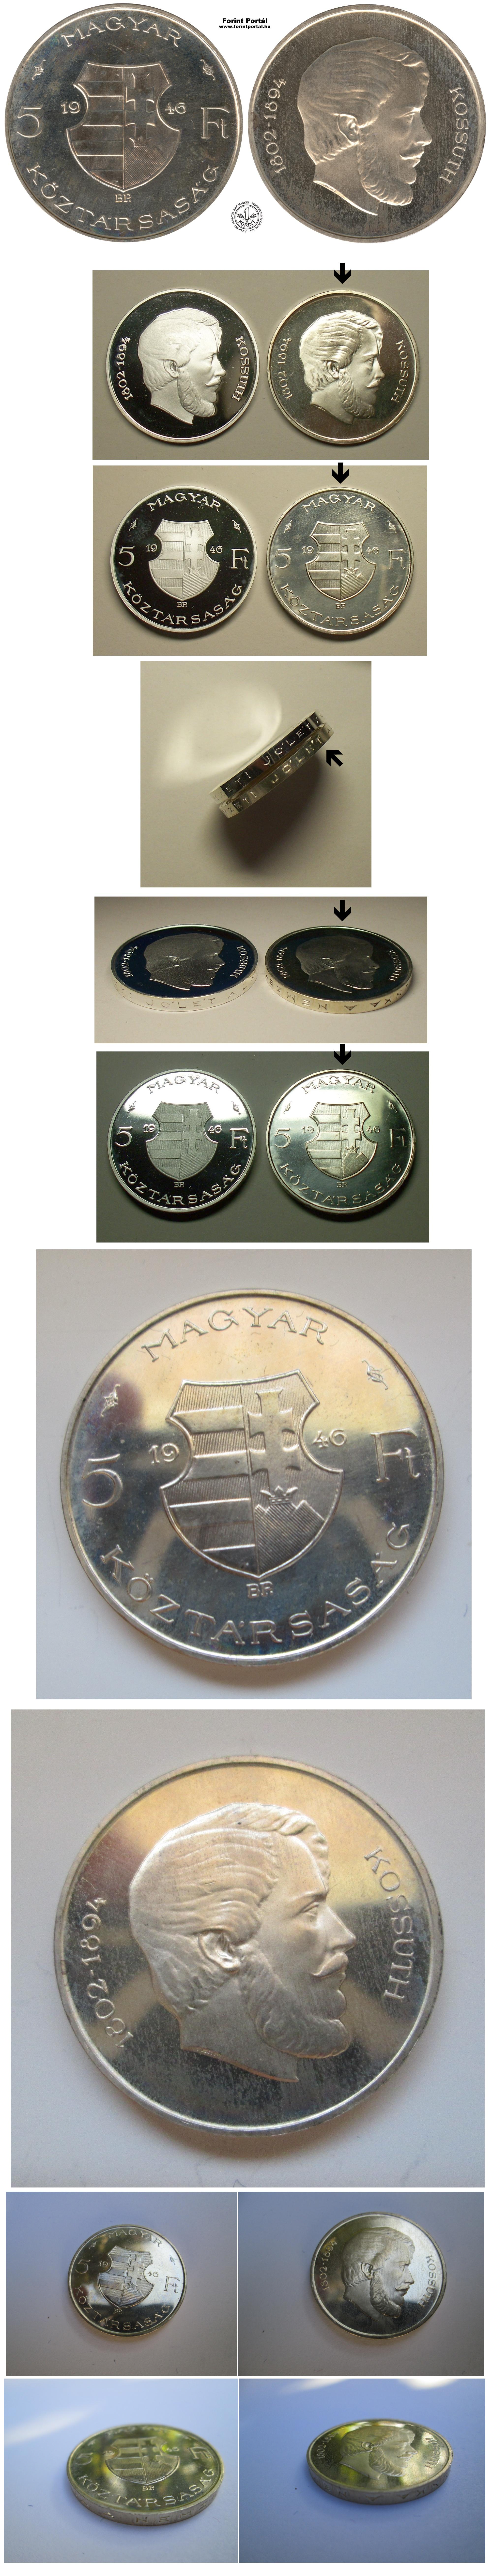 http://www.forintportal.hu/ritkasagkatalogus/5_forint/www_forintportal_hu_1946_5forint_artex-utanveret-100db.jpg